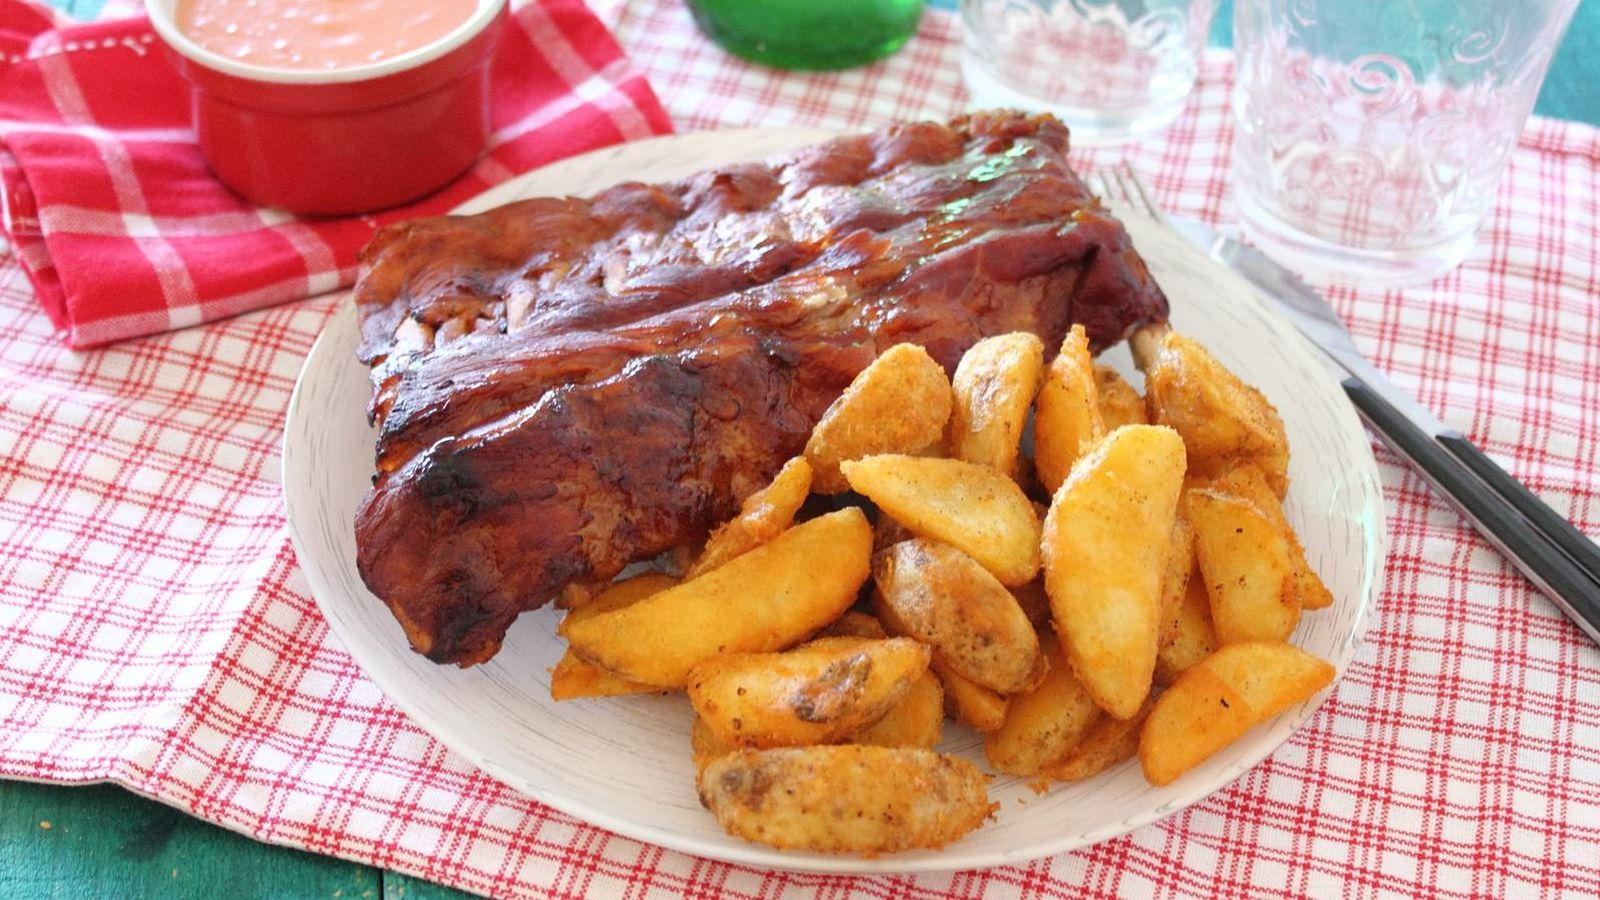 Recetas costillas de cerdo al horno un romance cl sico - Patatas con costillas de cerdo ...